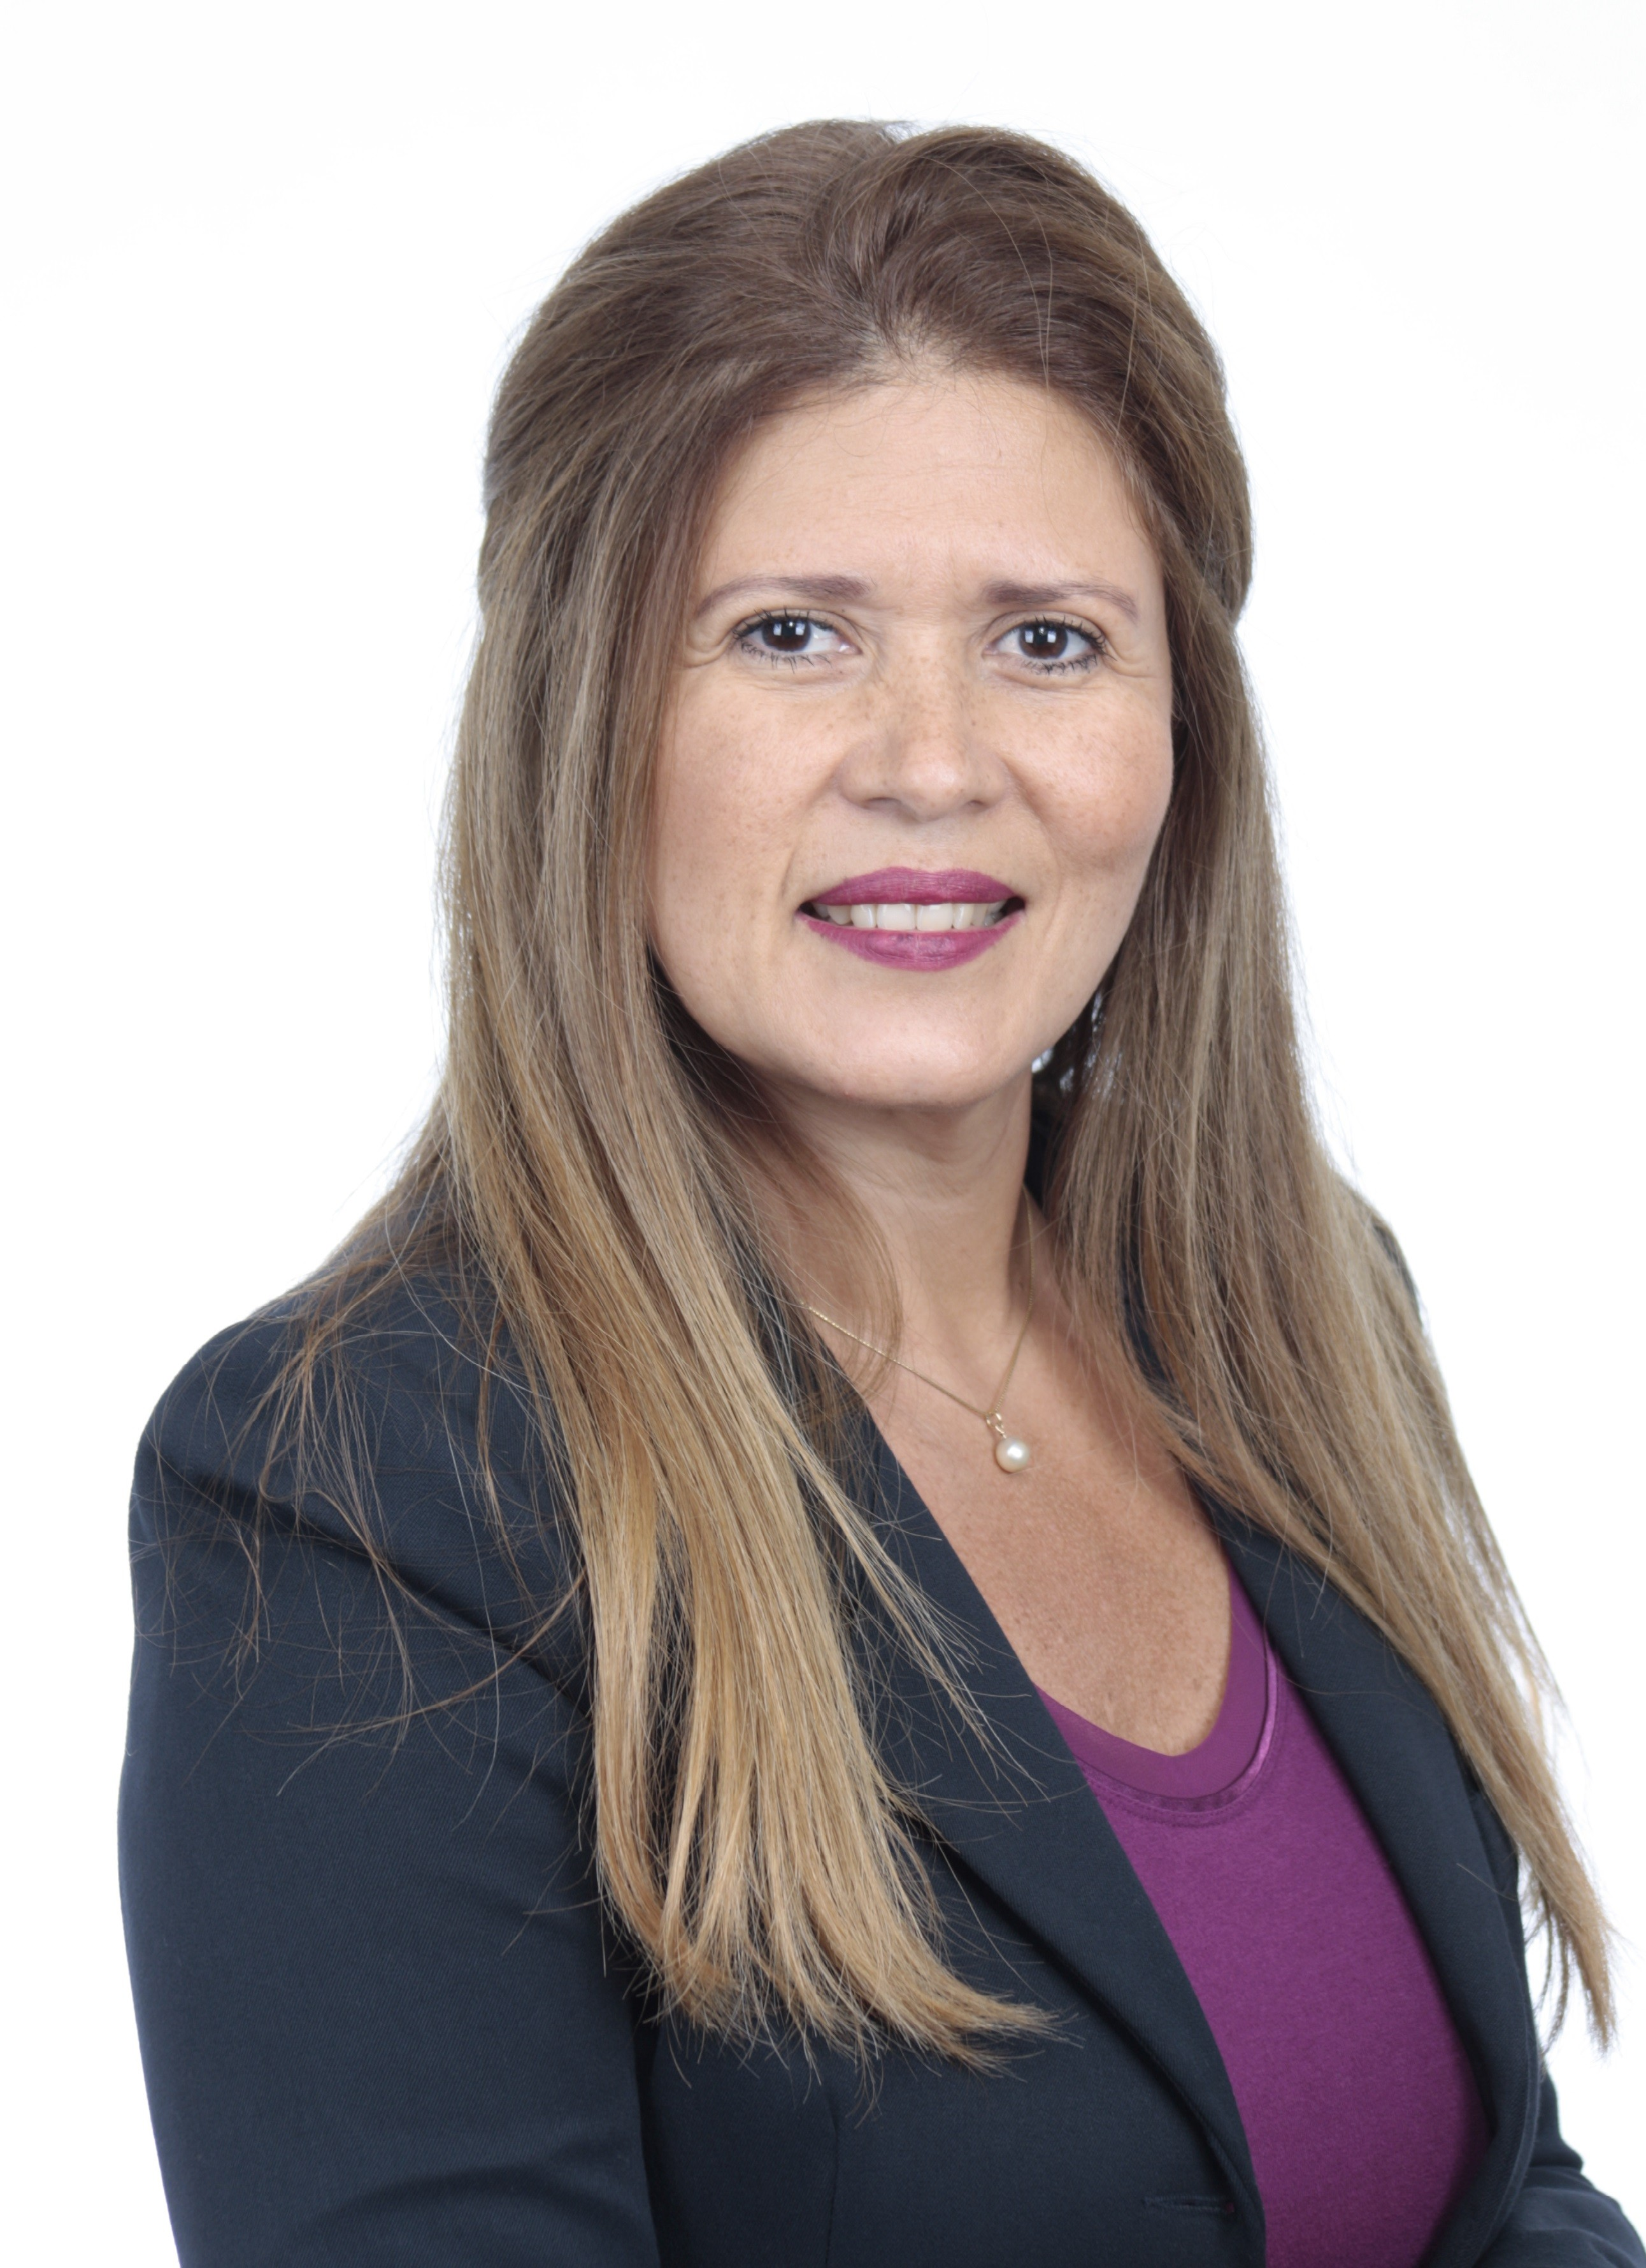 Maru Romero Araujo